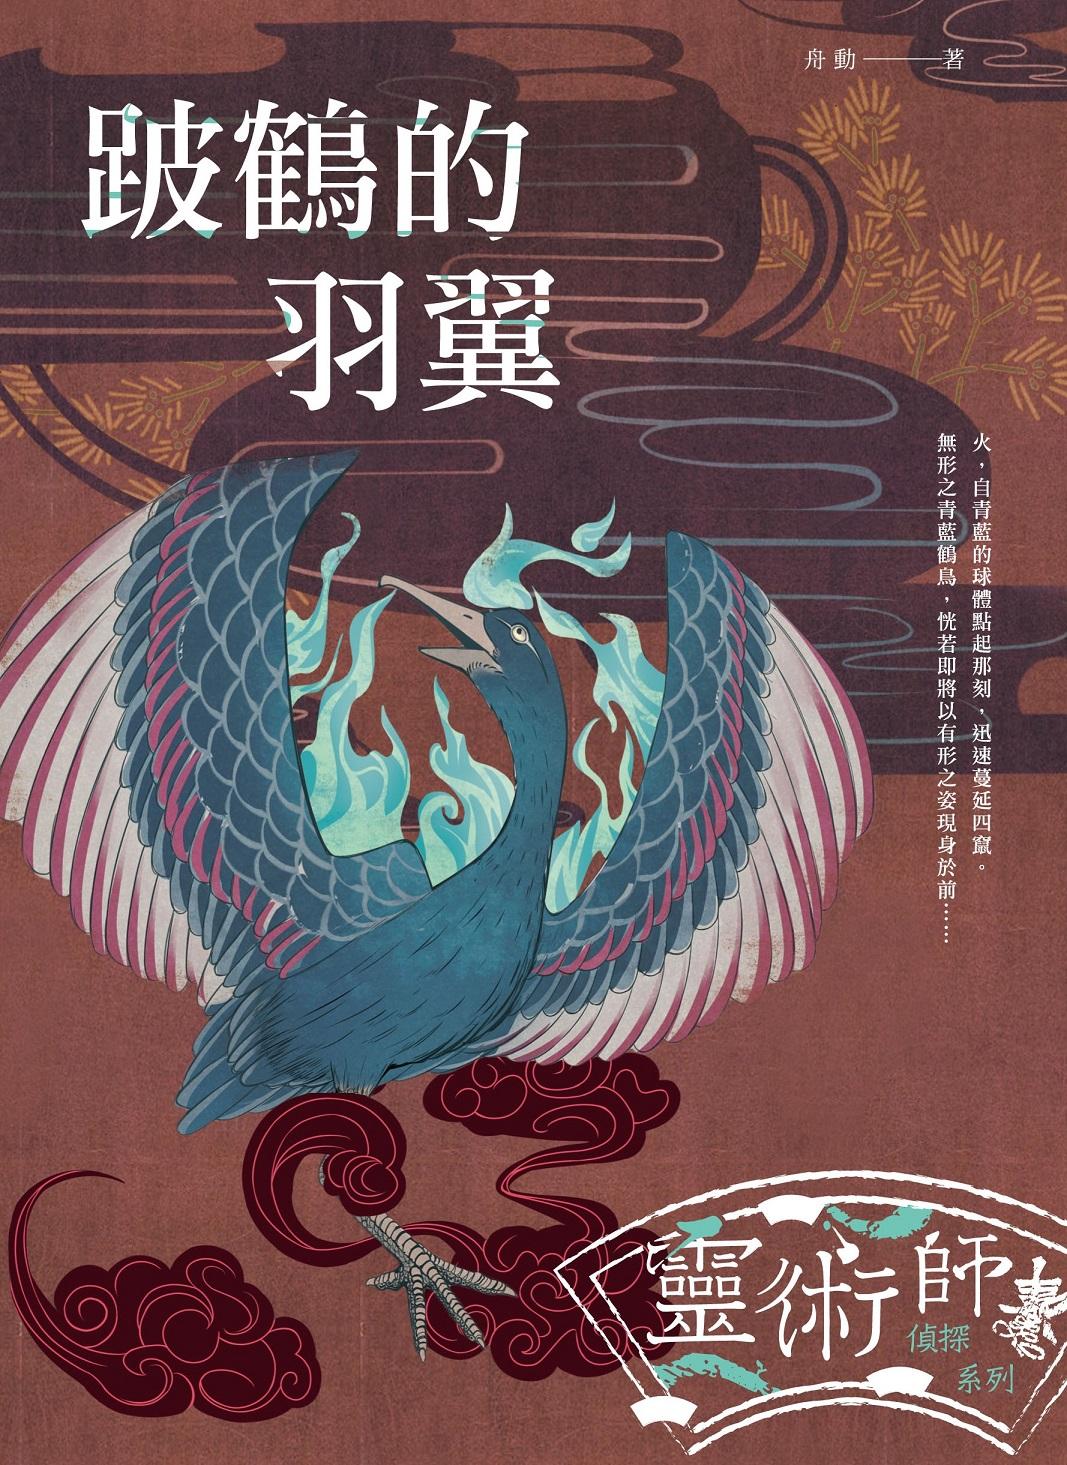 舟動-跛鶴的羽翼